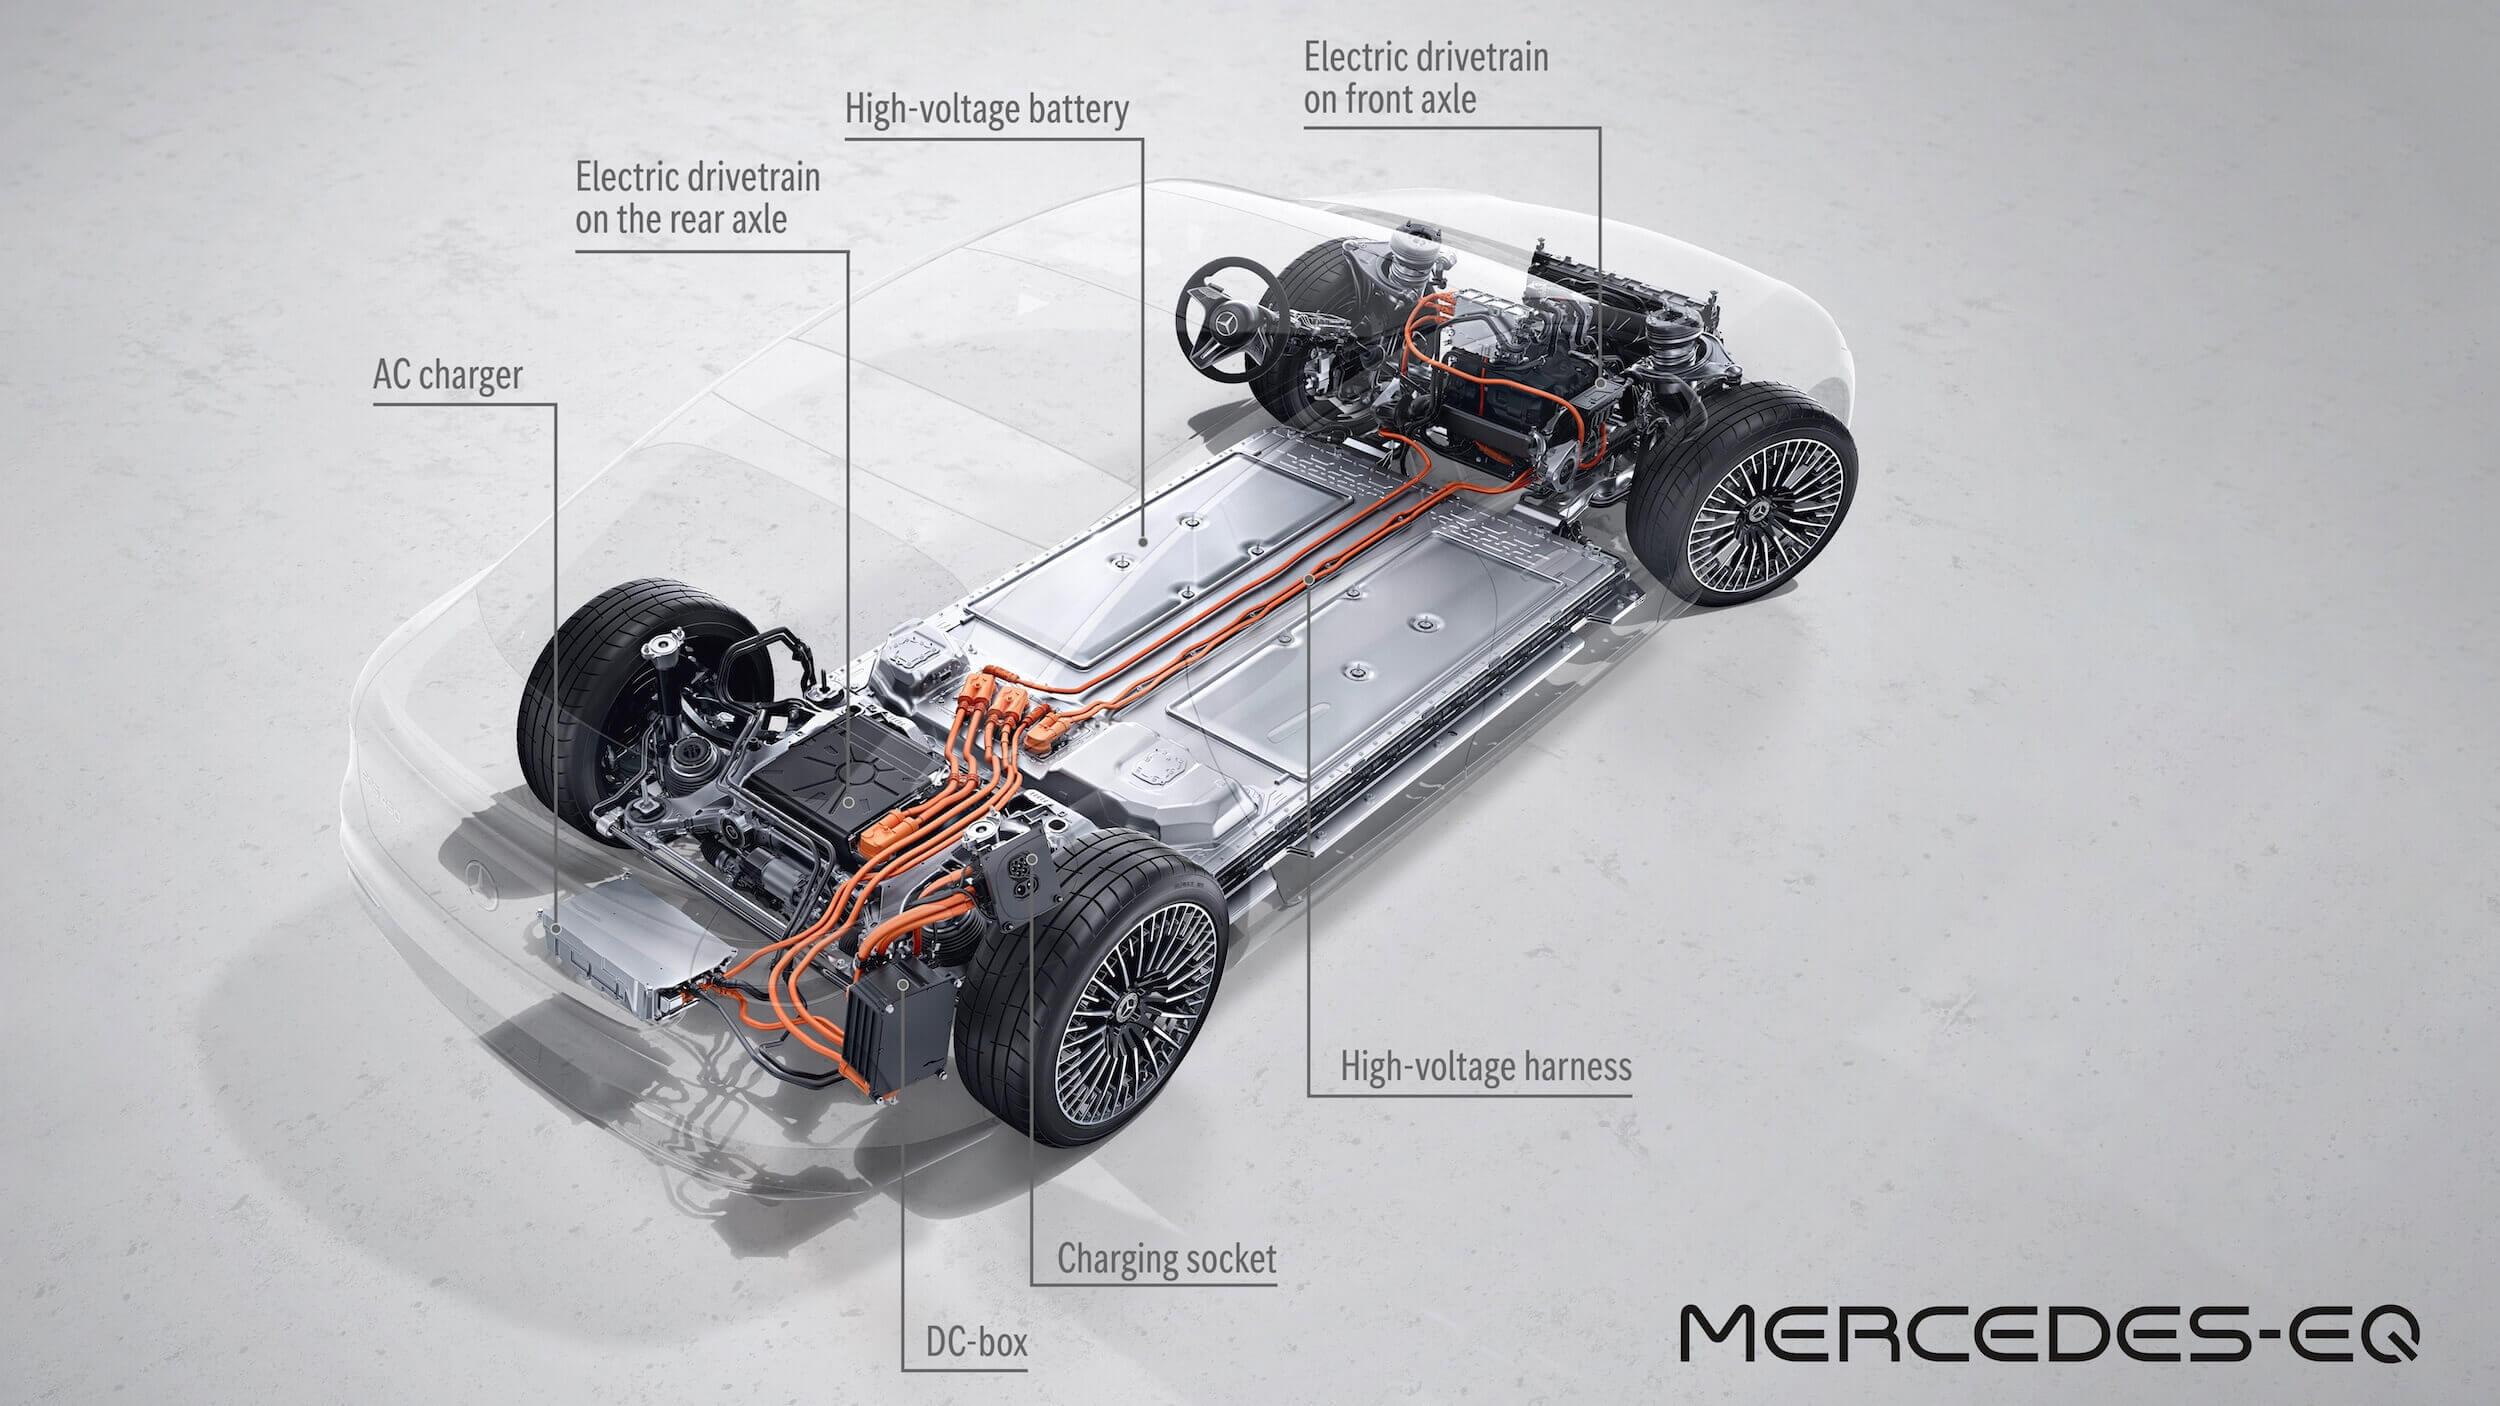 Mercedes EQS bateria do carro